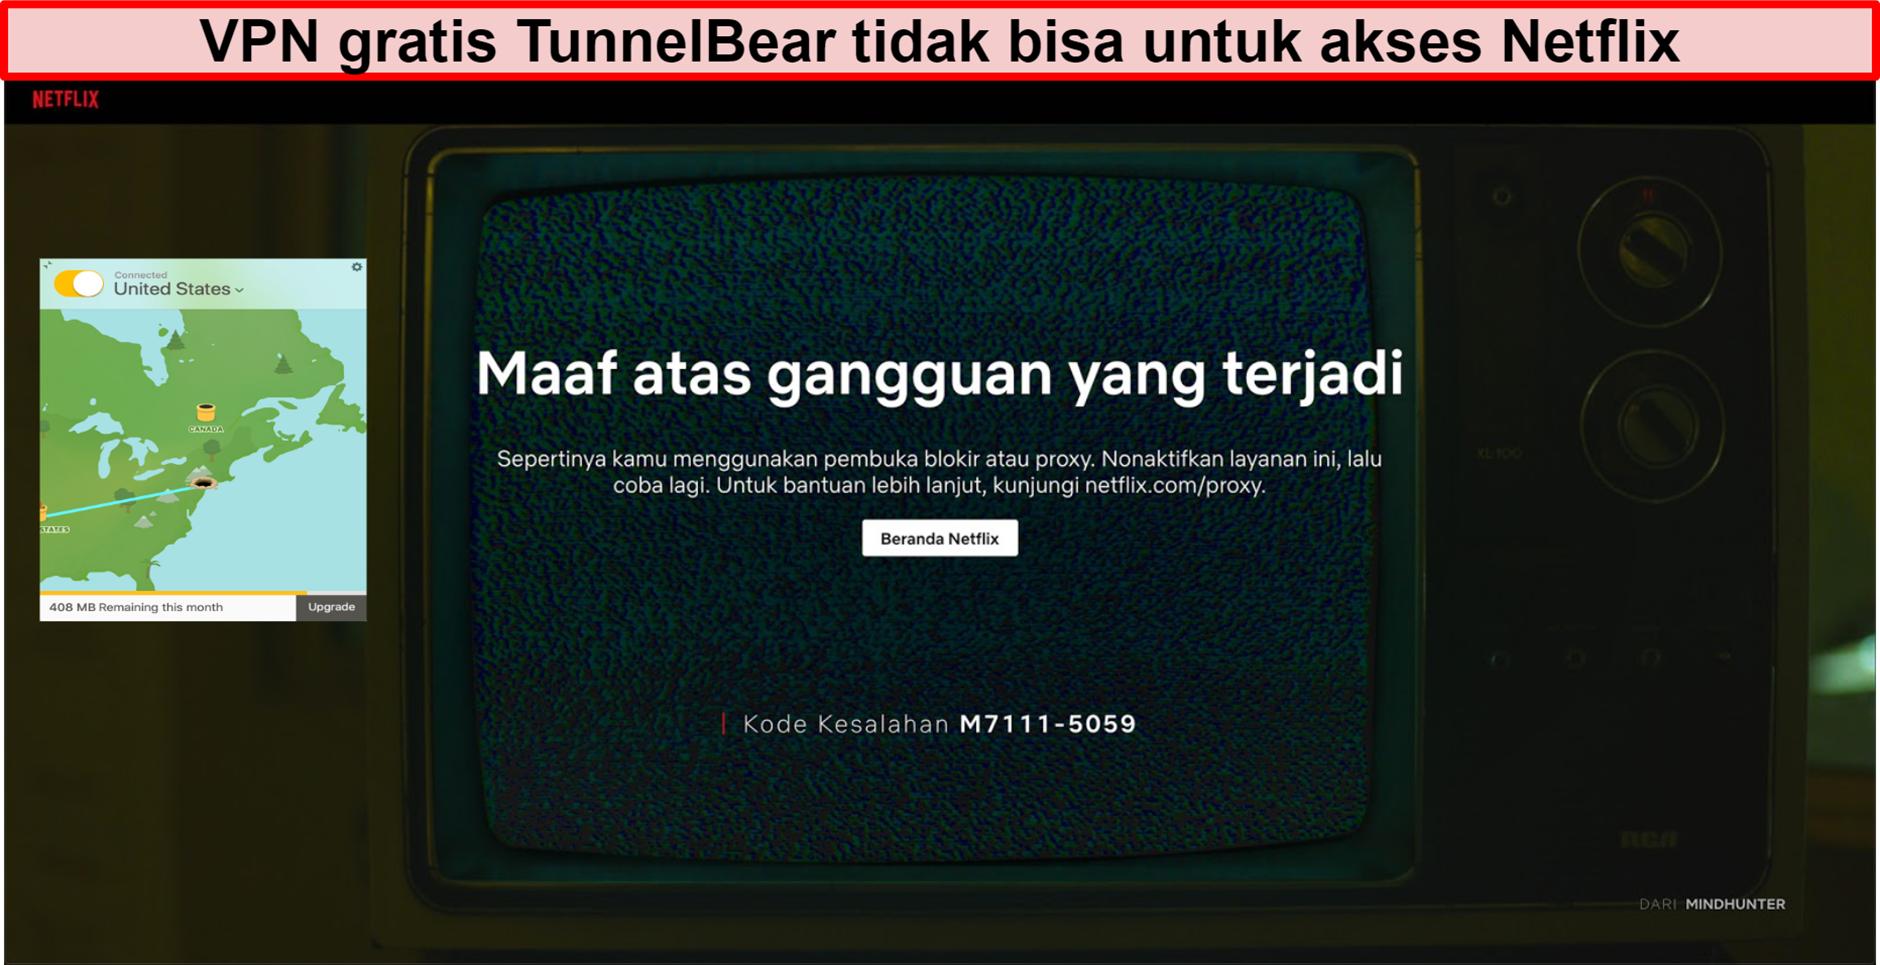 Cuplikan layar TunnelBear VPN yang terhubung ke AS dengan Netflix menunjukkan pesan kesalahan pemblokiran atau proksi